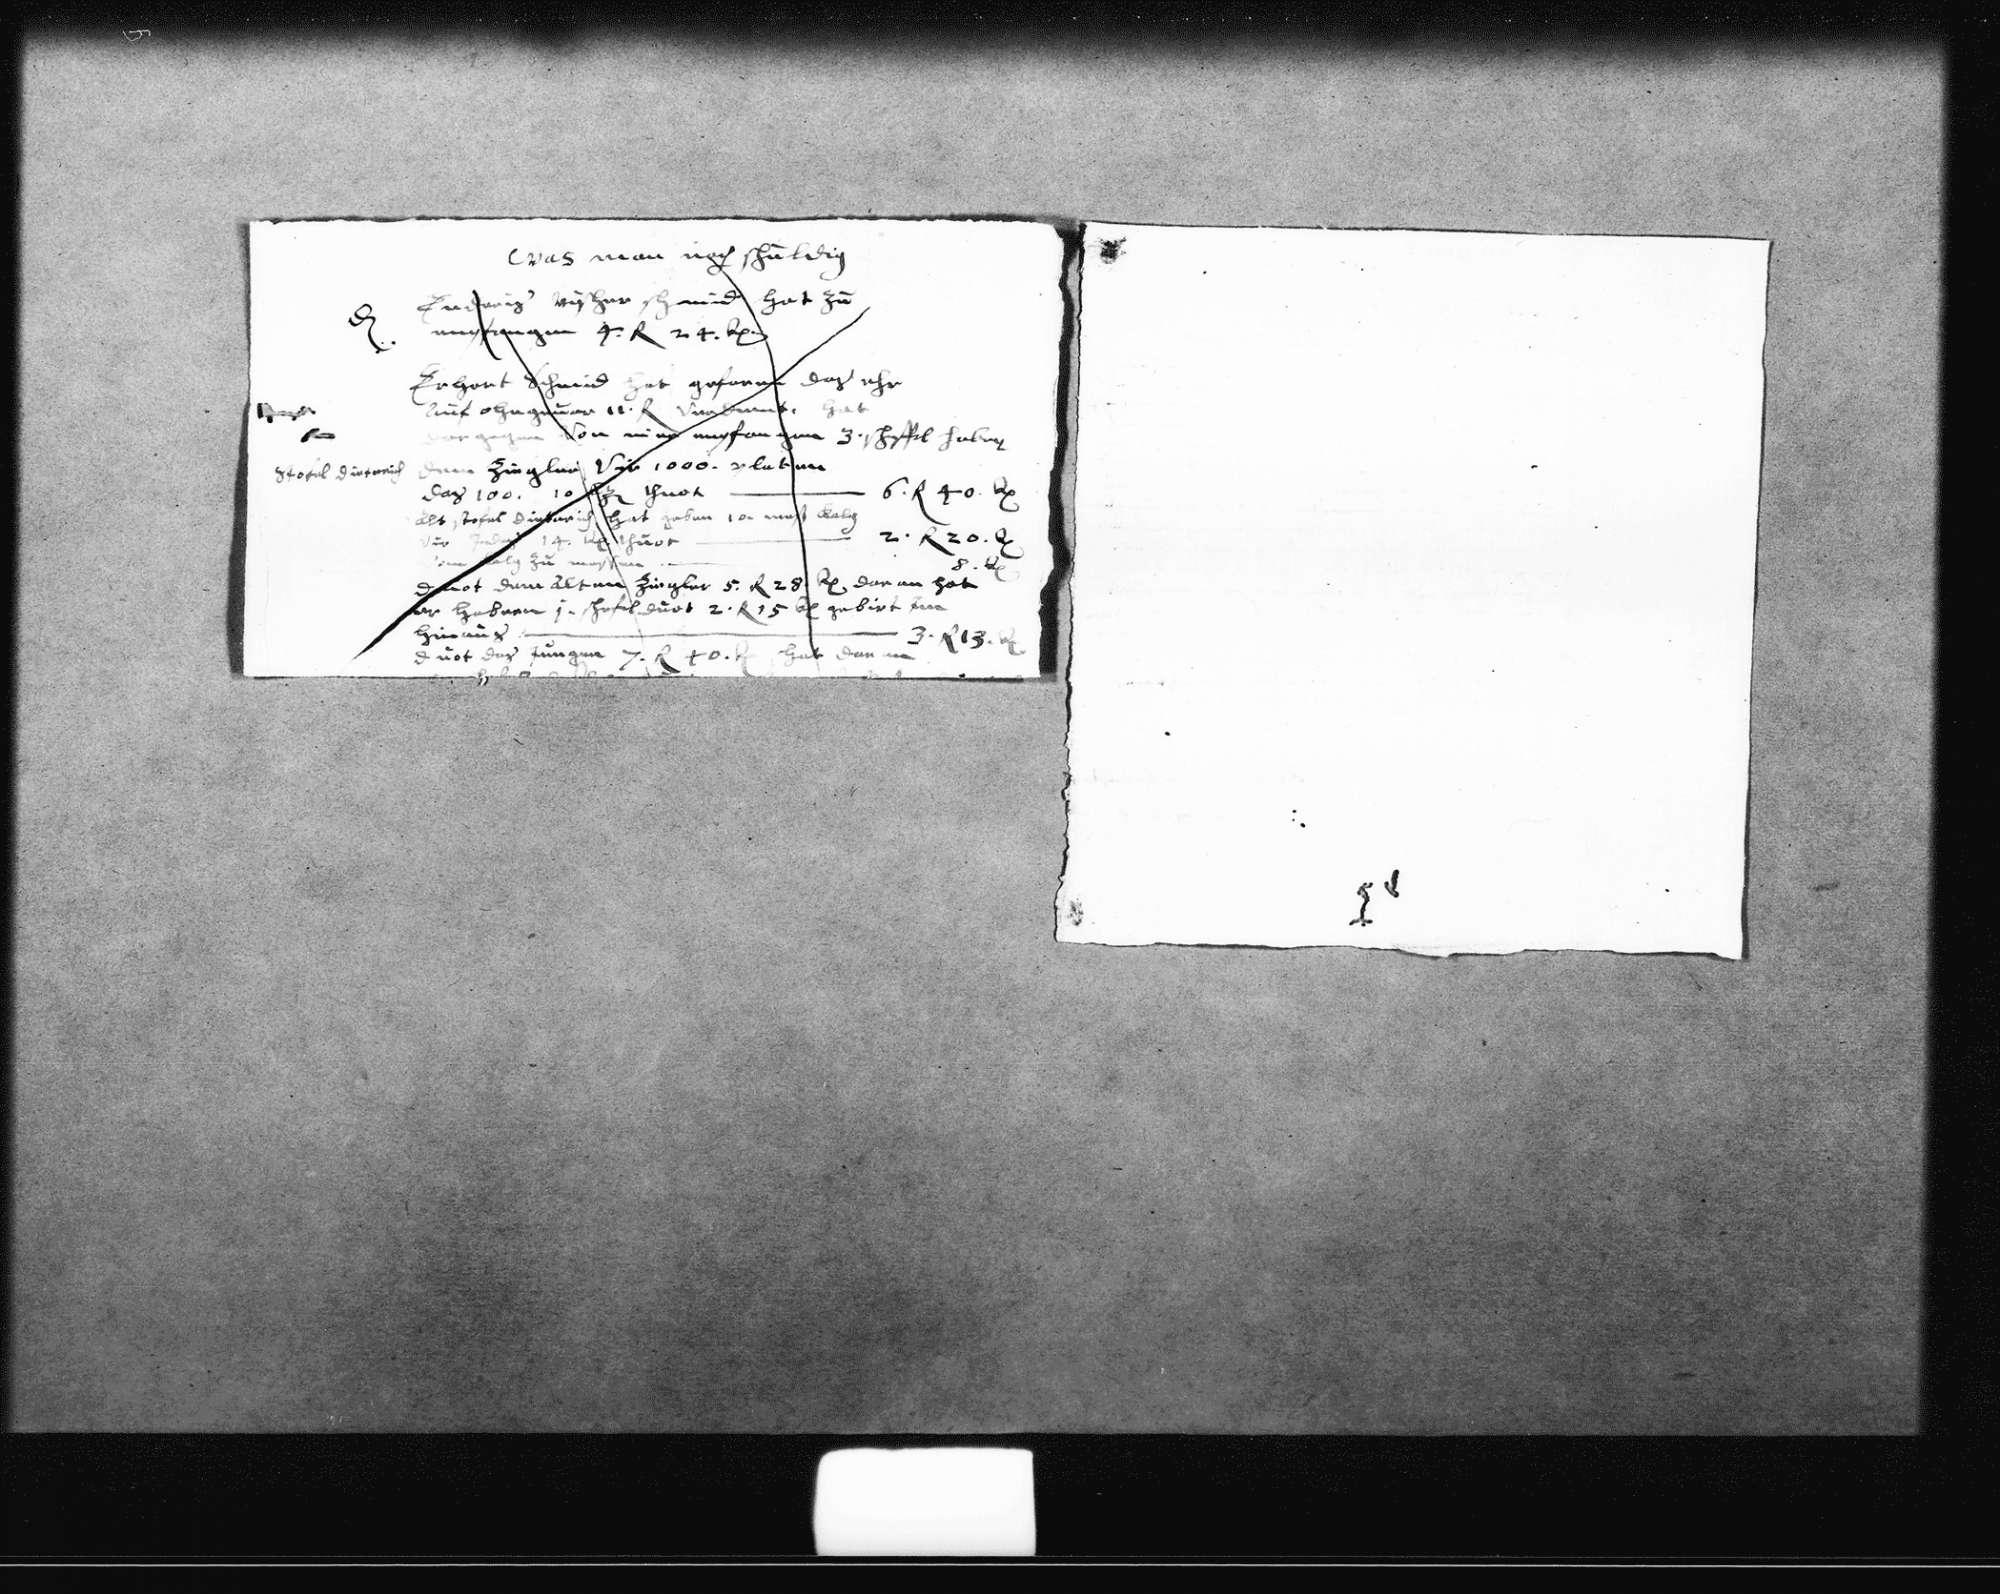 Notizen, Entwürfe und Rechnungen für ein Gutachten zu Unstimmigkeiten bei der Abrechnung der Baukosten (u. a. für das Haus des Superattendenten) durch Christoph Seiler, Zimmermann, zum Teil o. D. (3 Oktav, Quart, Folio Doppelblatt) und datiert 24. September 1629 (Quart), 2. Oktober 1629 (Quart), 1631 (Folio), Bild 2